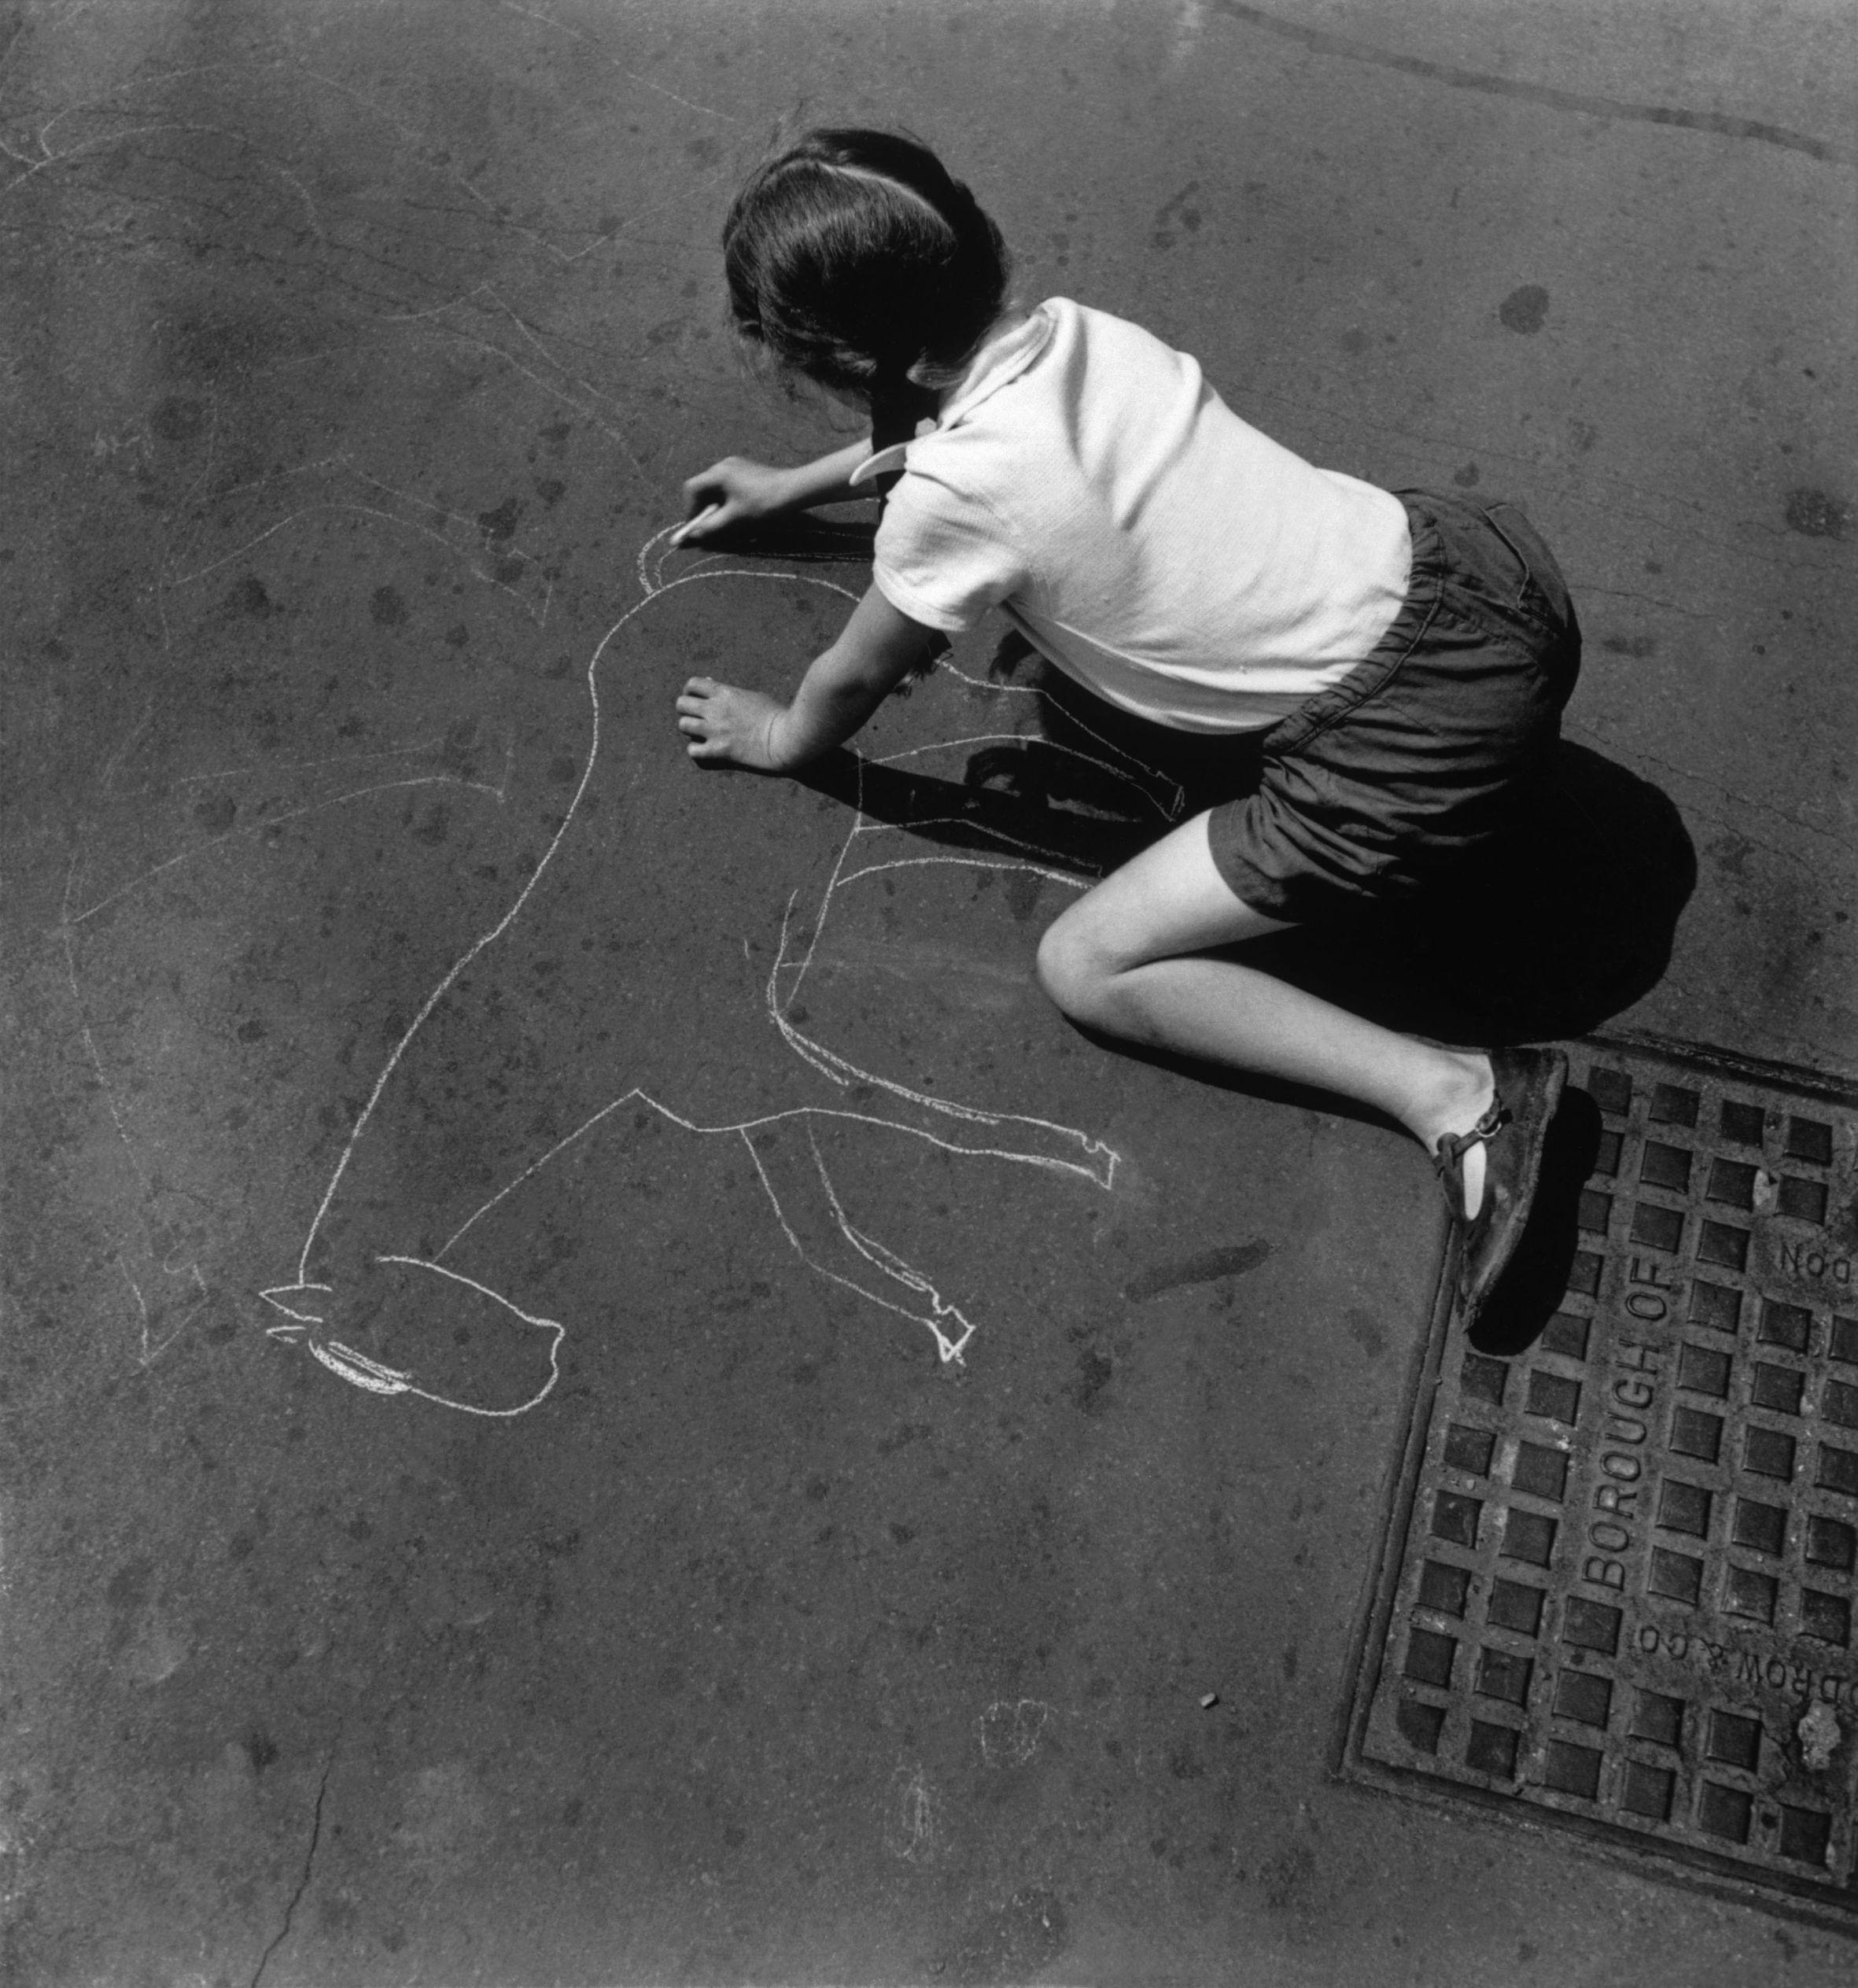 UK. England. London. 1949 © Werner Bischof_ Magnum Photos 2019